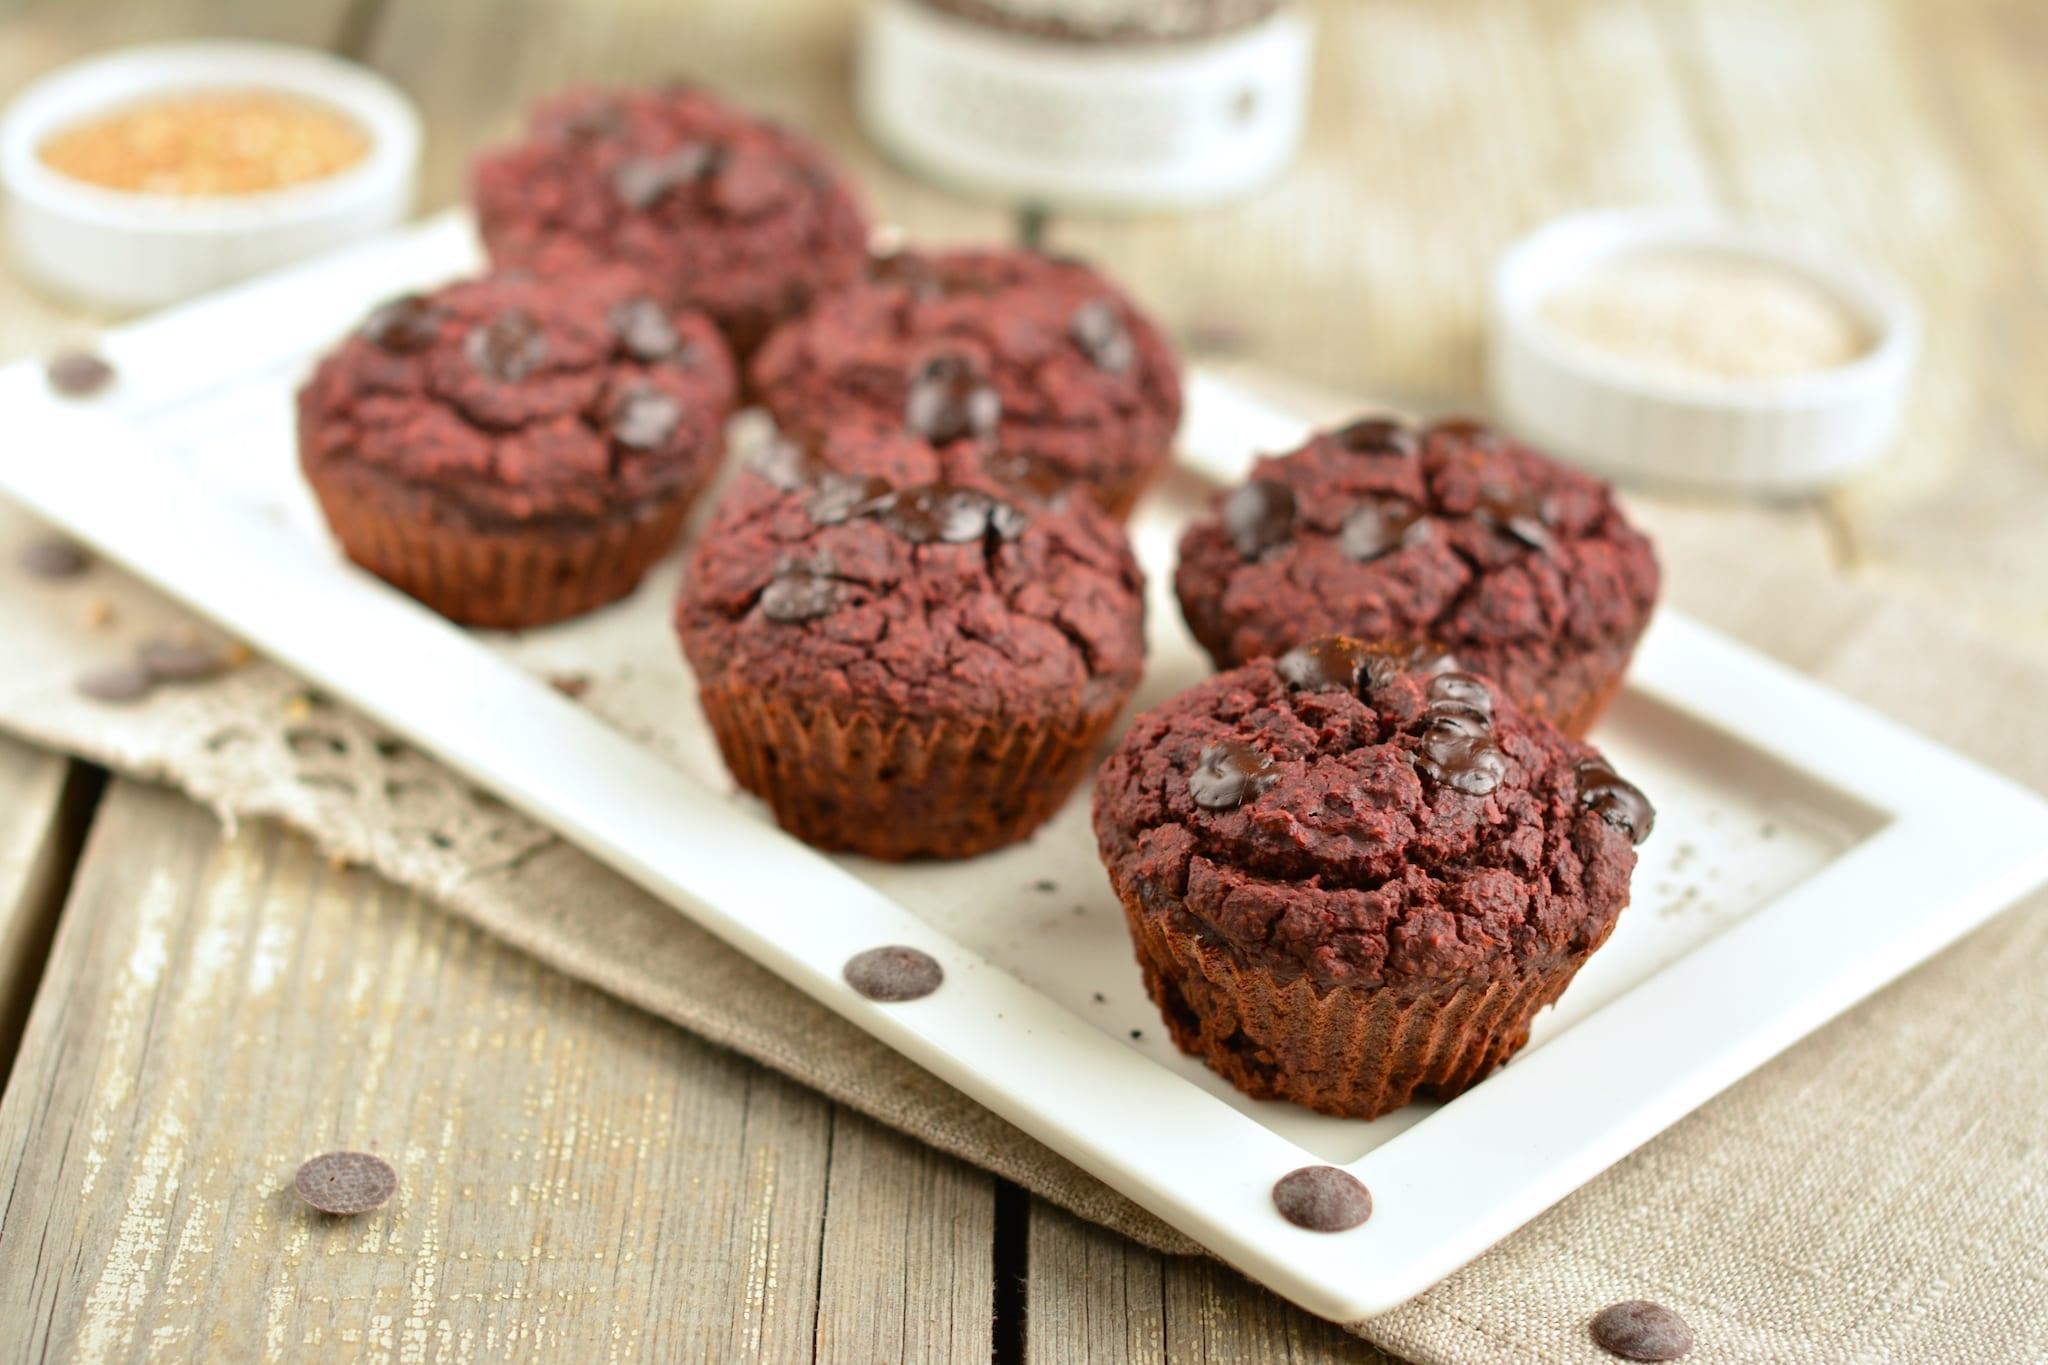 muffins-buckwheat-oat-bran-beet-carrot